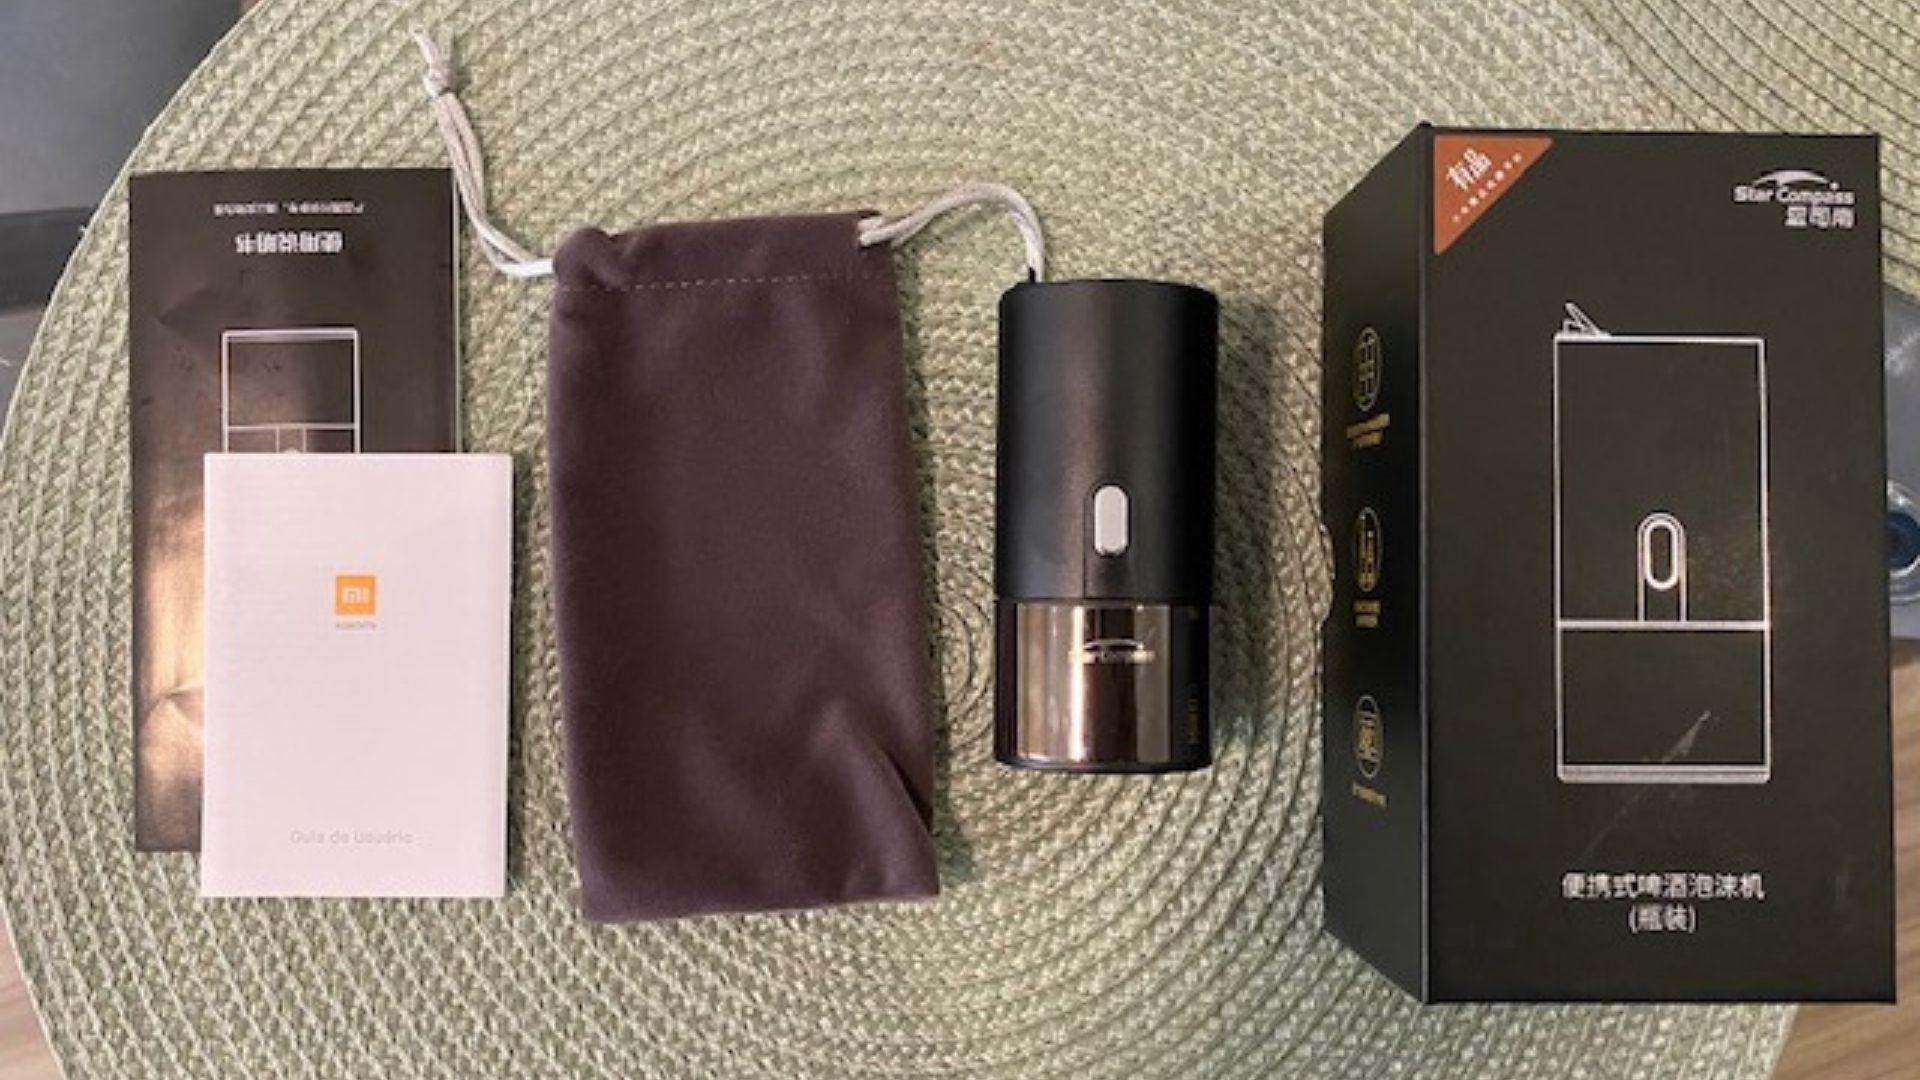 Além da chopeira em si, dentro da caixa vem uma bolsinha de veludo muito elegante (Foto: Arquivo Pessoal / Leonor Militão)